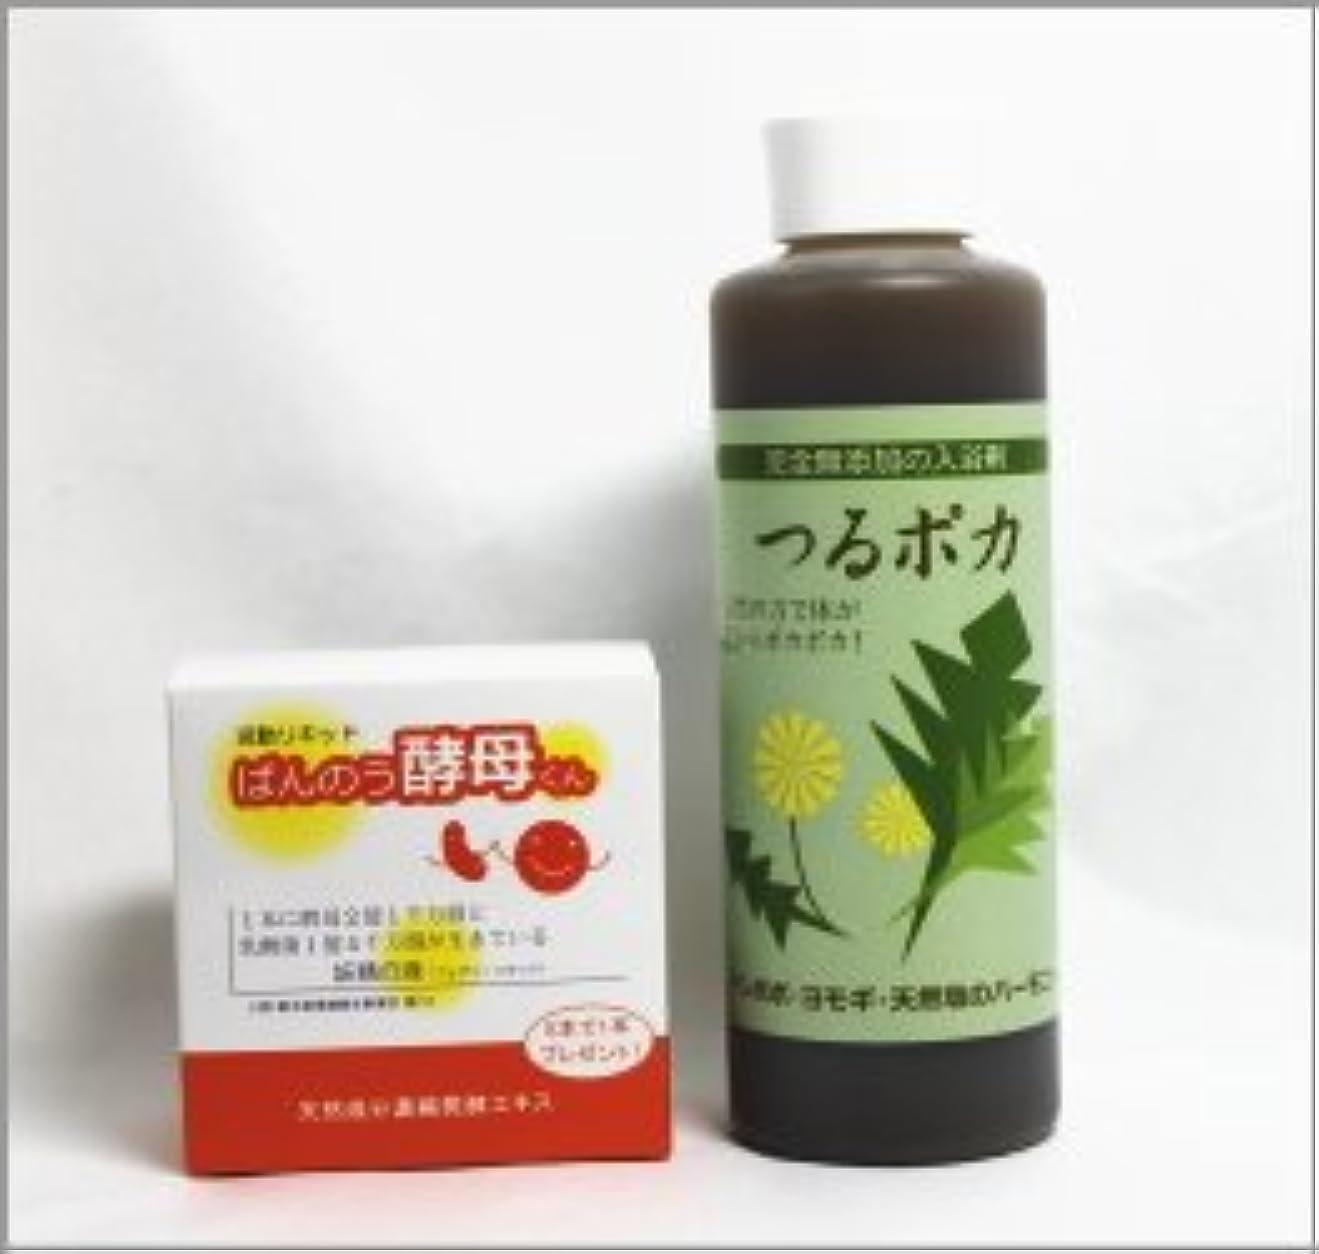 ぬるい貢献副産物アーデンモア ばんのう酵母くん 23ml×5本+1本 + つるポカ(入浴剤)